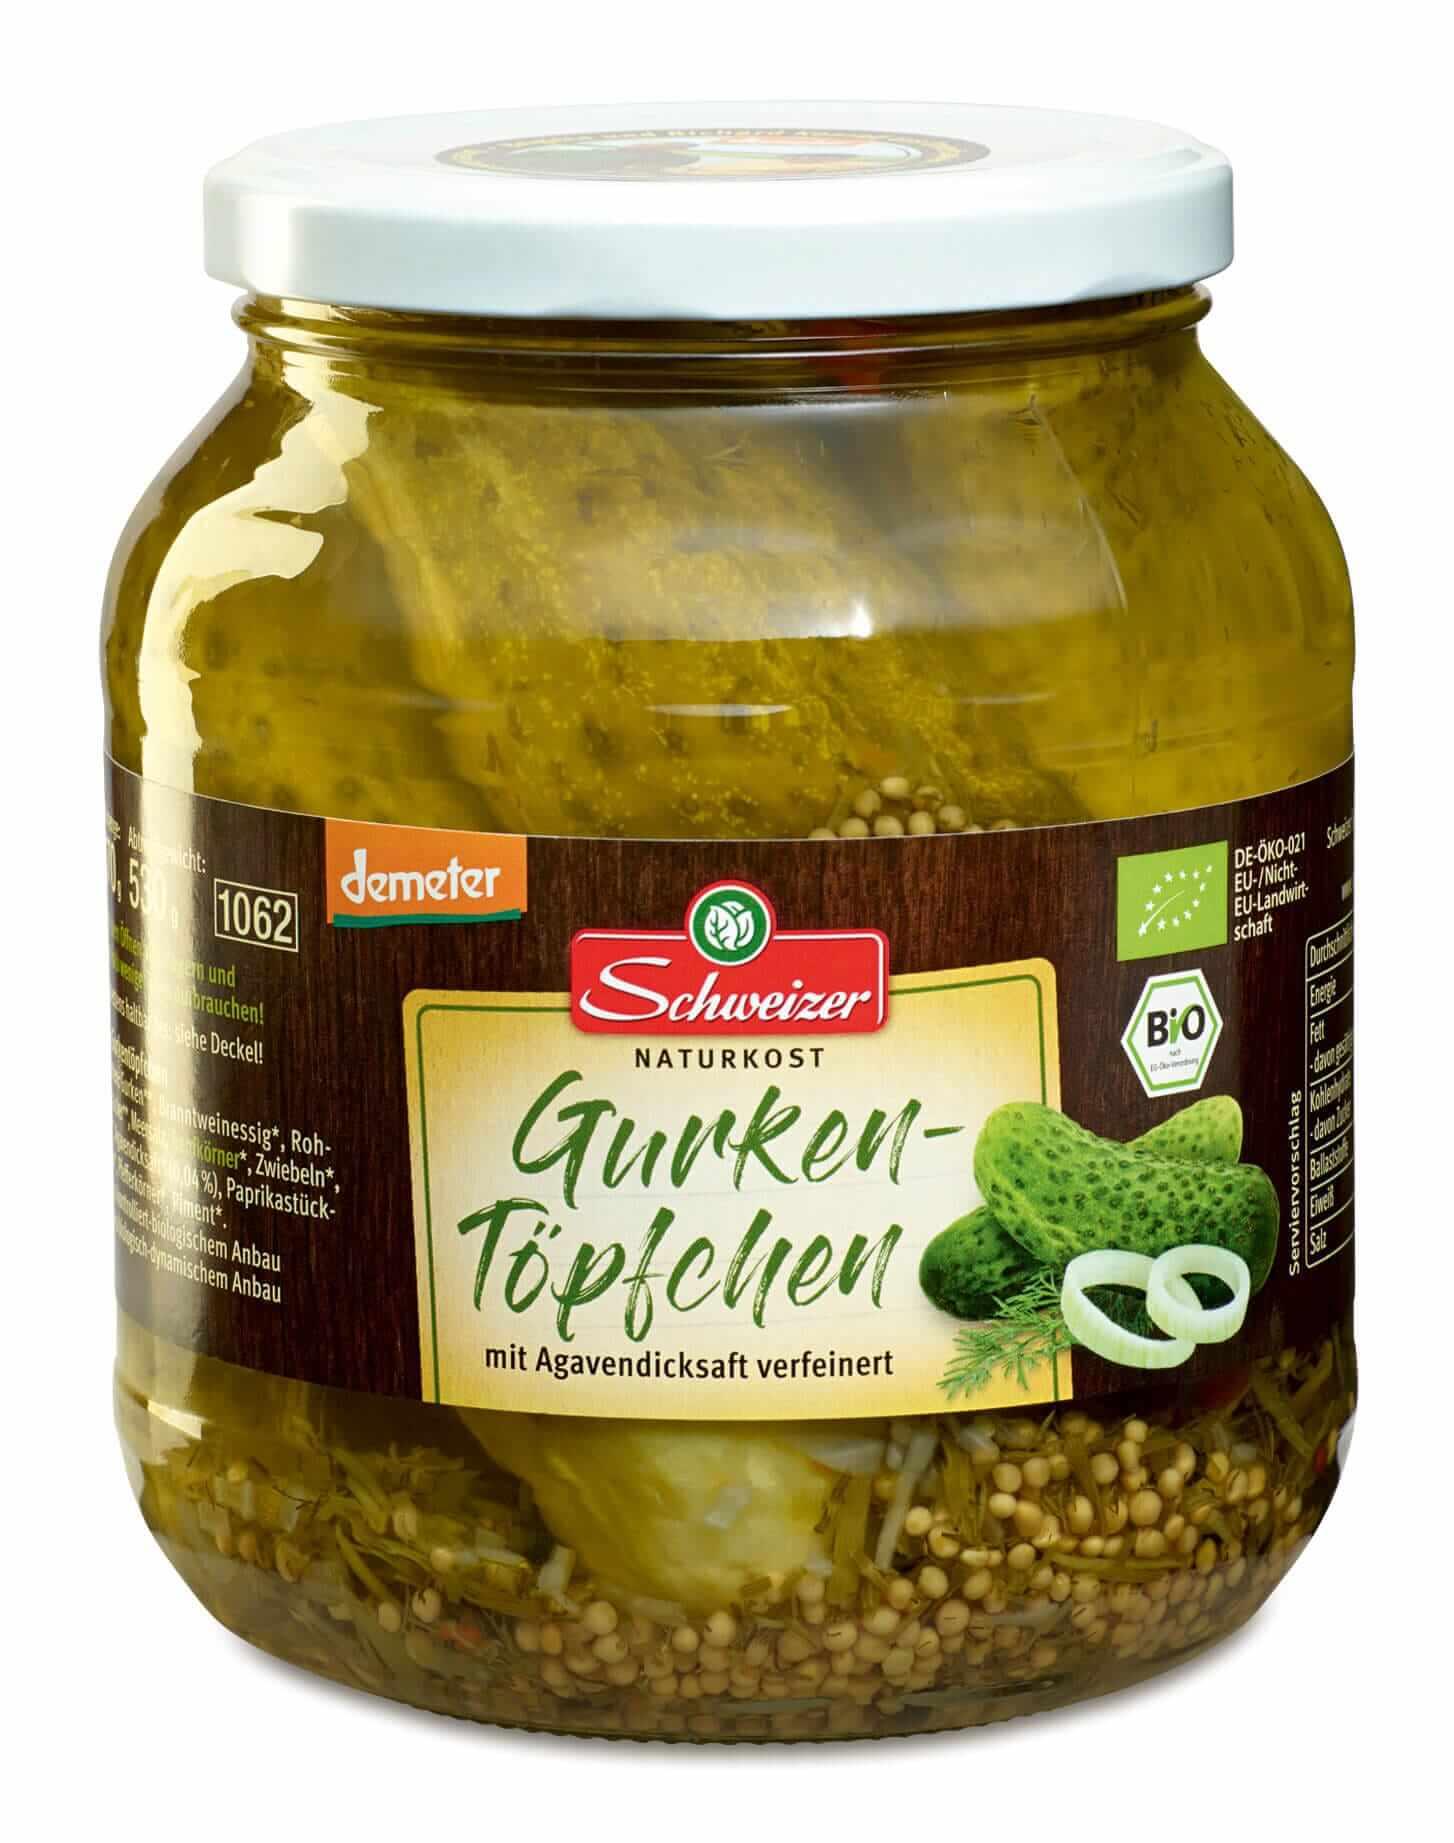 Demeter Gurkentöpfchen 1.062 ml